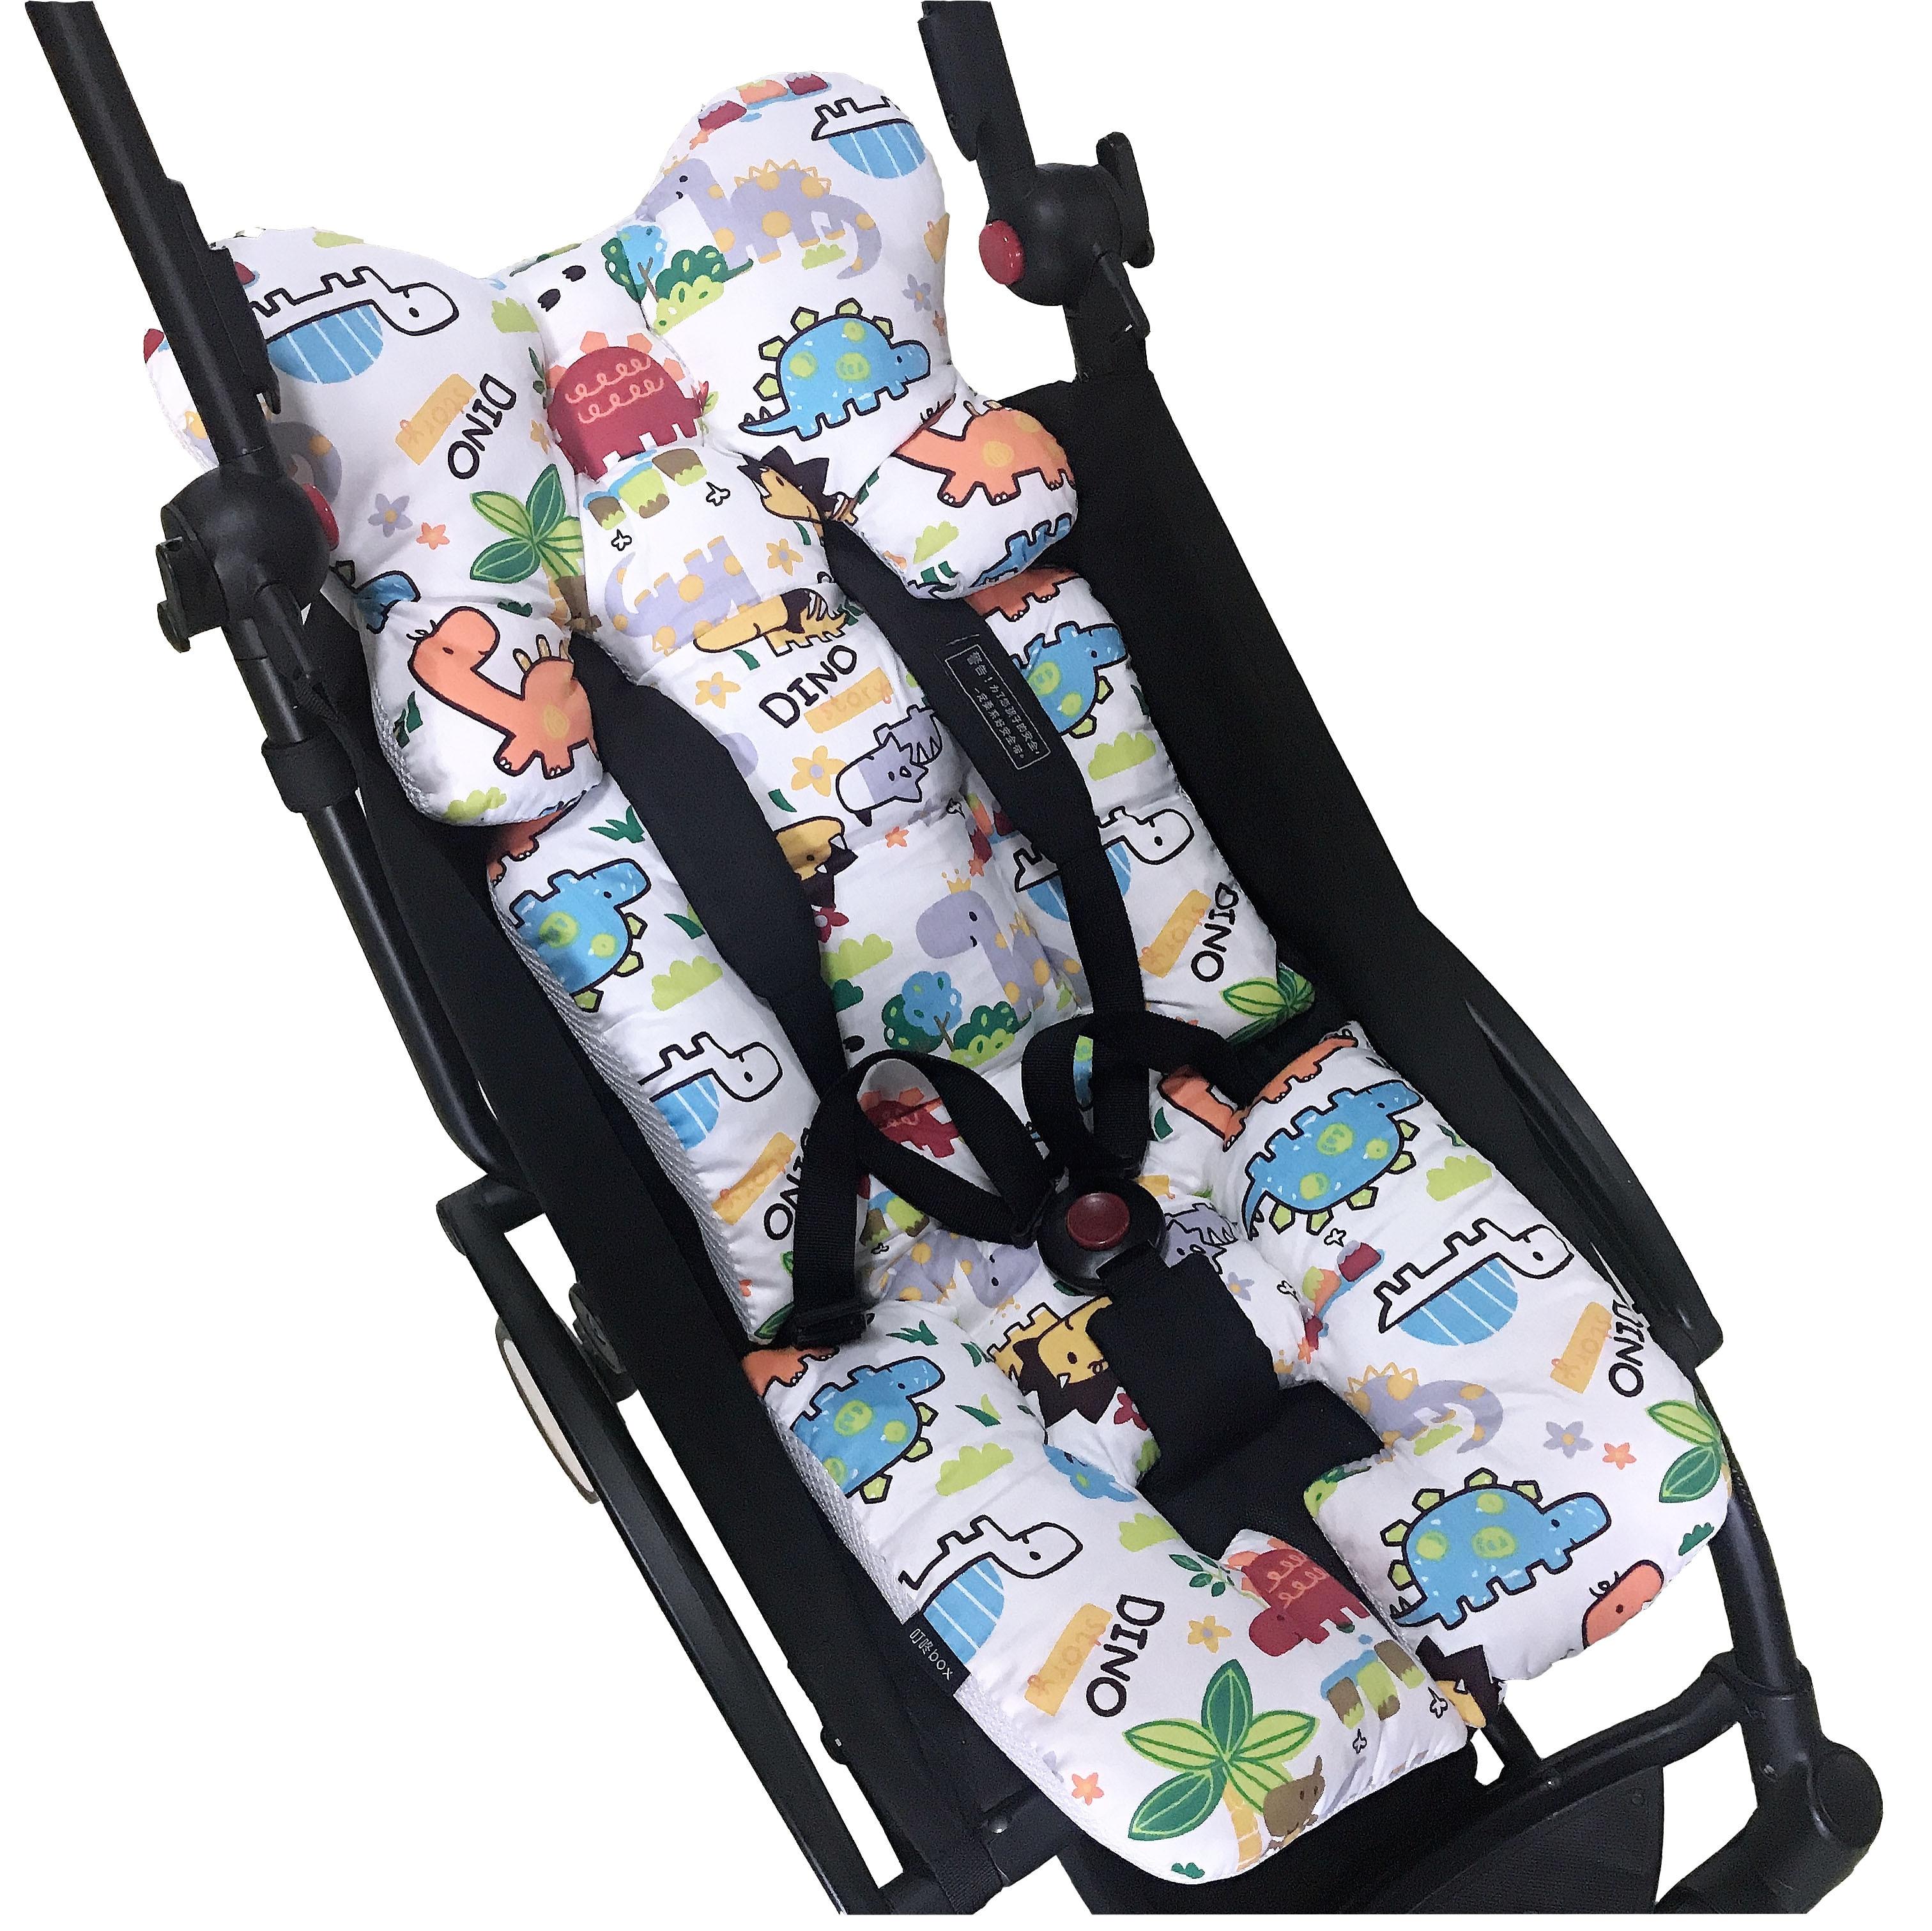 cochecito de beb/é cochecito de beb/é Coj/ín grueso de algod/ón para cochecito de beb/é funda impermeable para cochecito de beb/é Cochecito de beb/é universal para cochecito